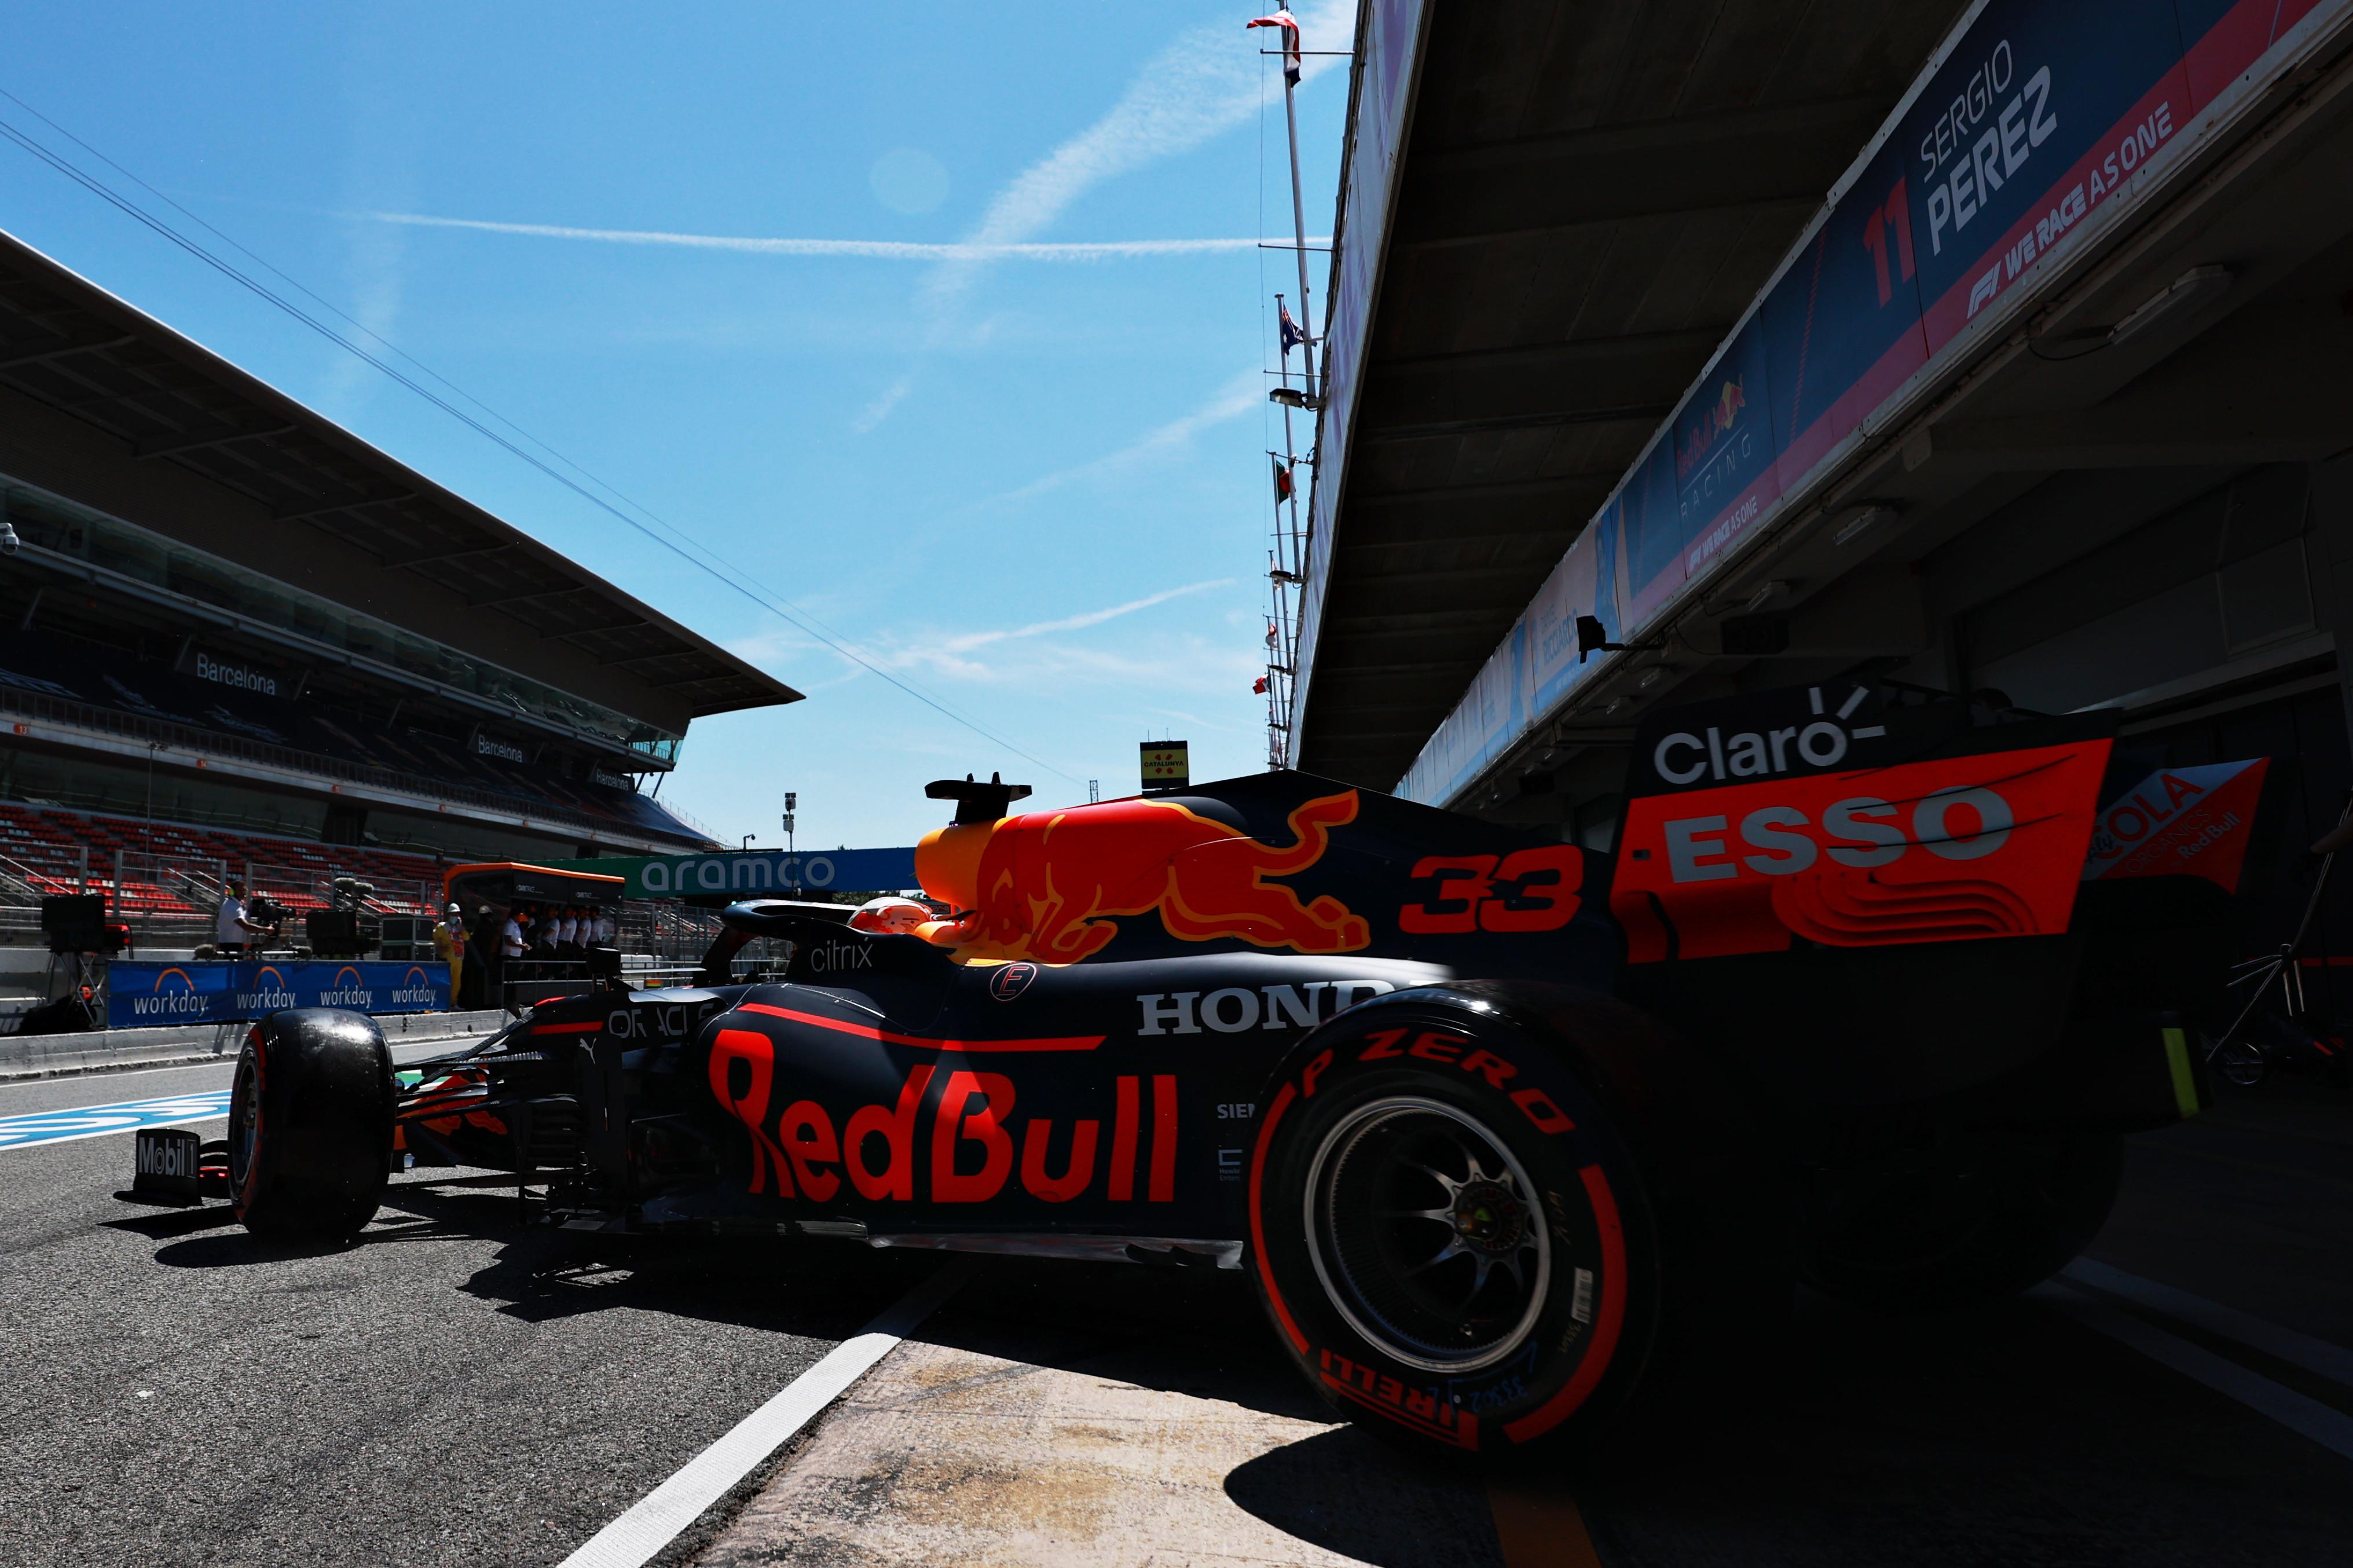 Il &quot;Re nero&quot; conquista la pole position numero 100 in carriera in Formula Uno<br /><br />